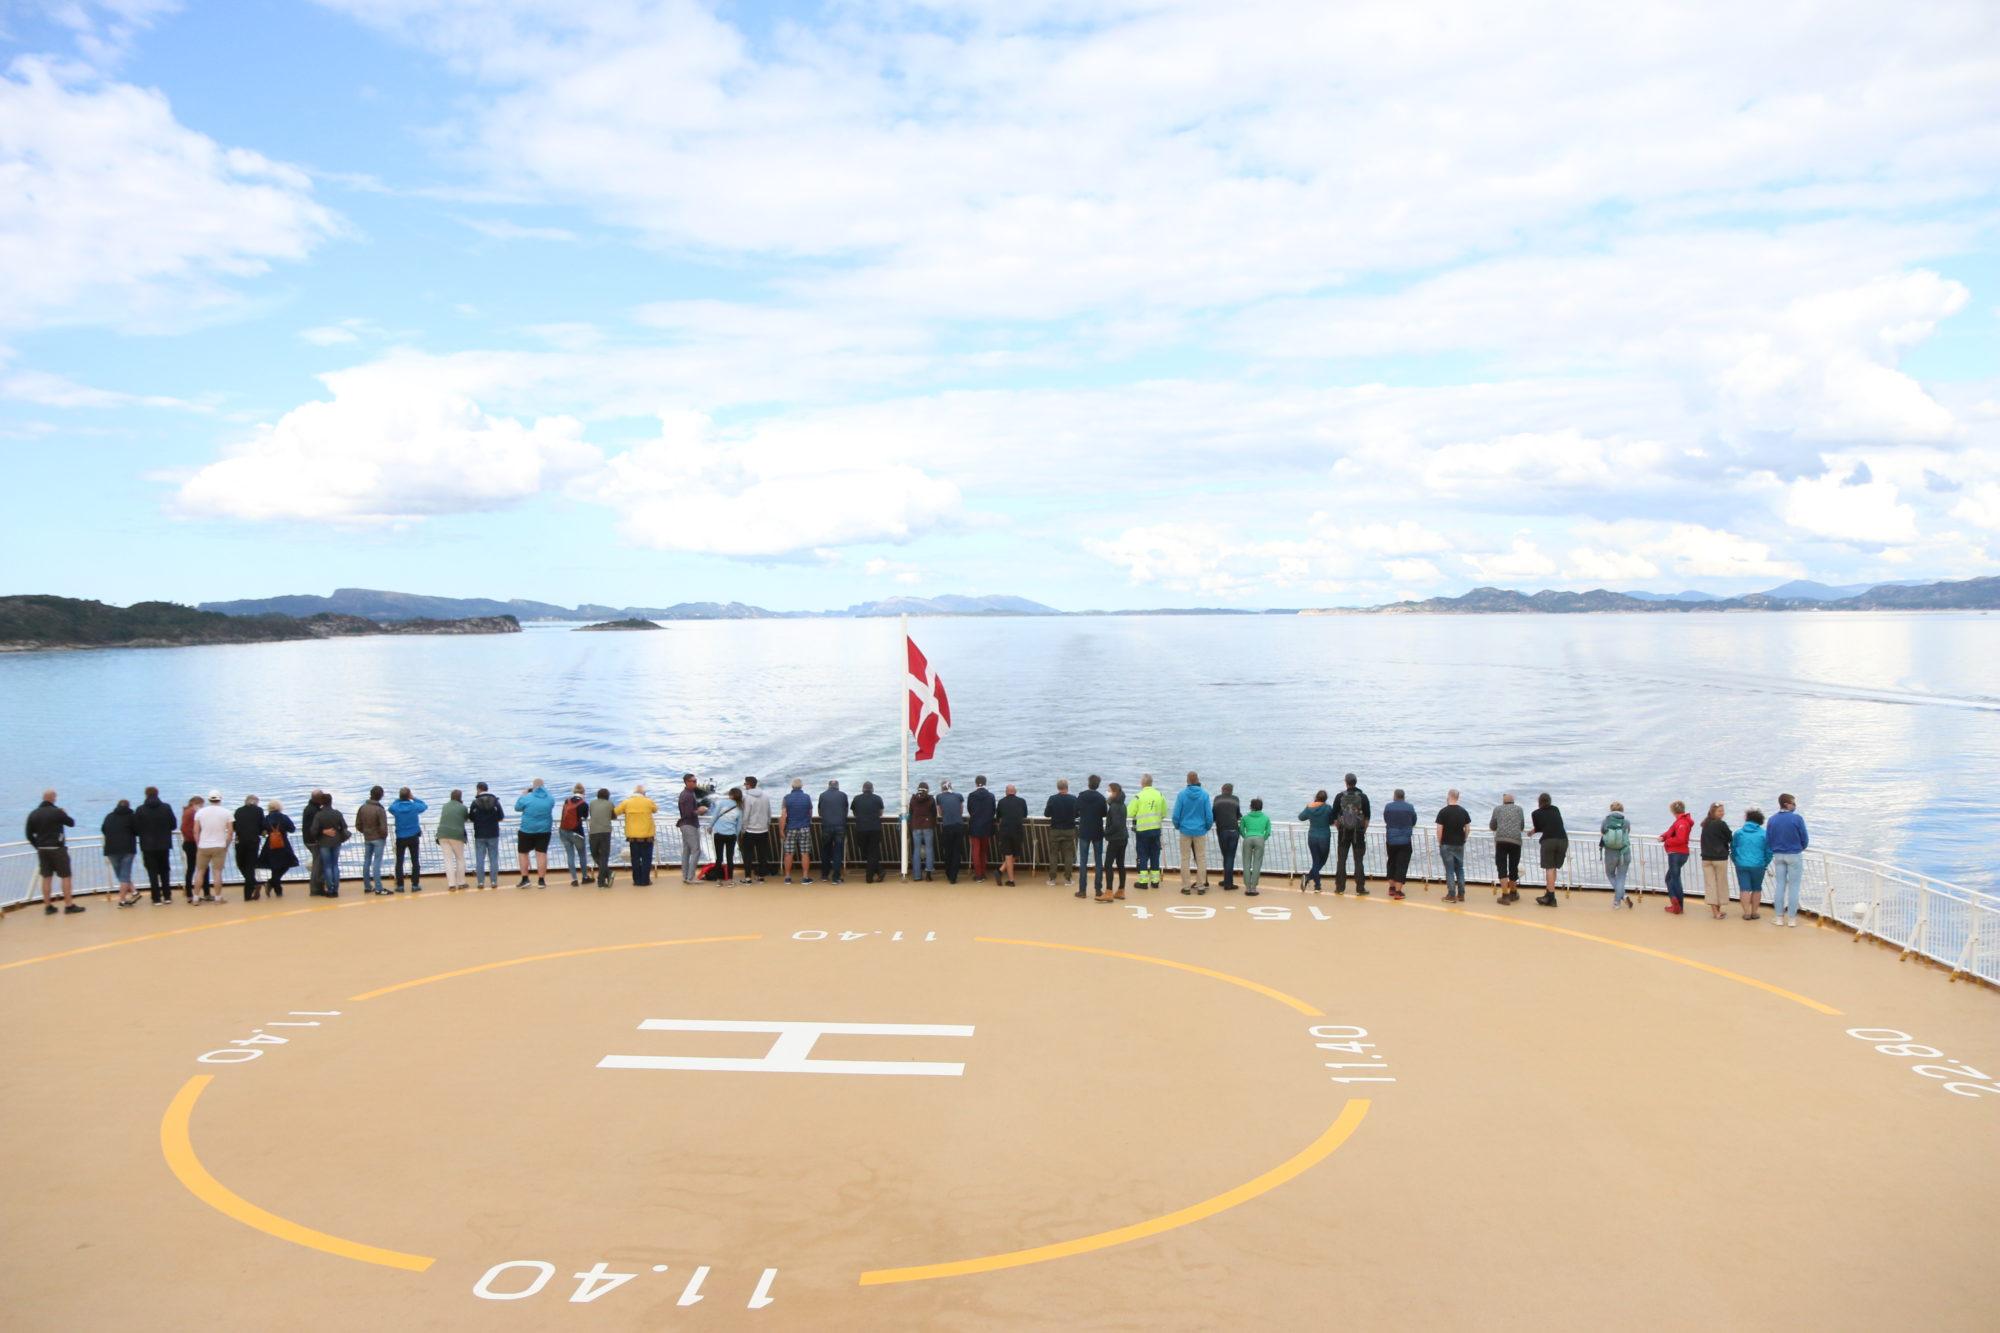 Etter hvert samlet det seg nysgjerrige passasjerer akter på skipet som forsøkte å finne ut hva som foregikk. Foto: Fjord Line